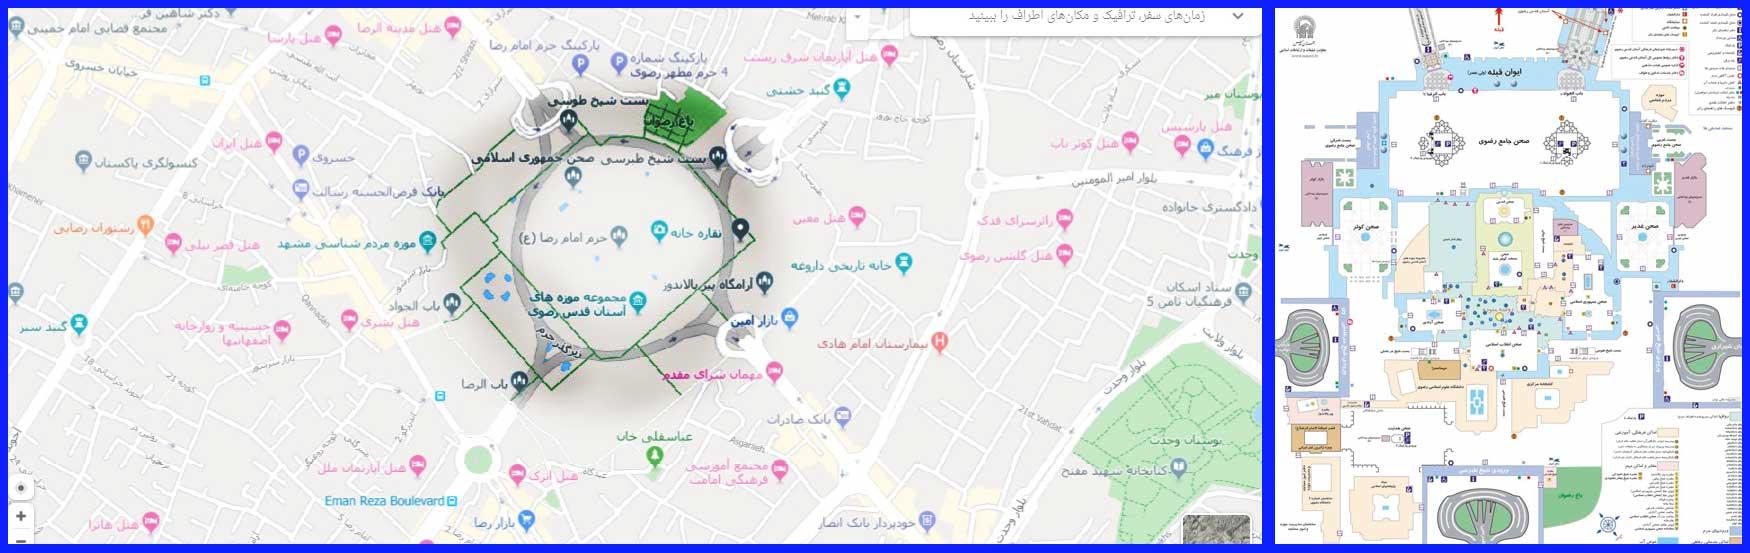 نقشه حرم امام رضا و موقعیت مکانی حرم